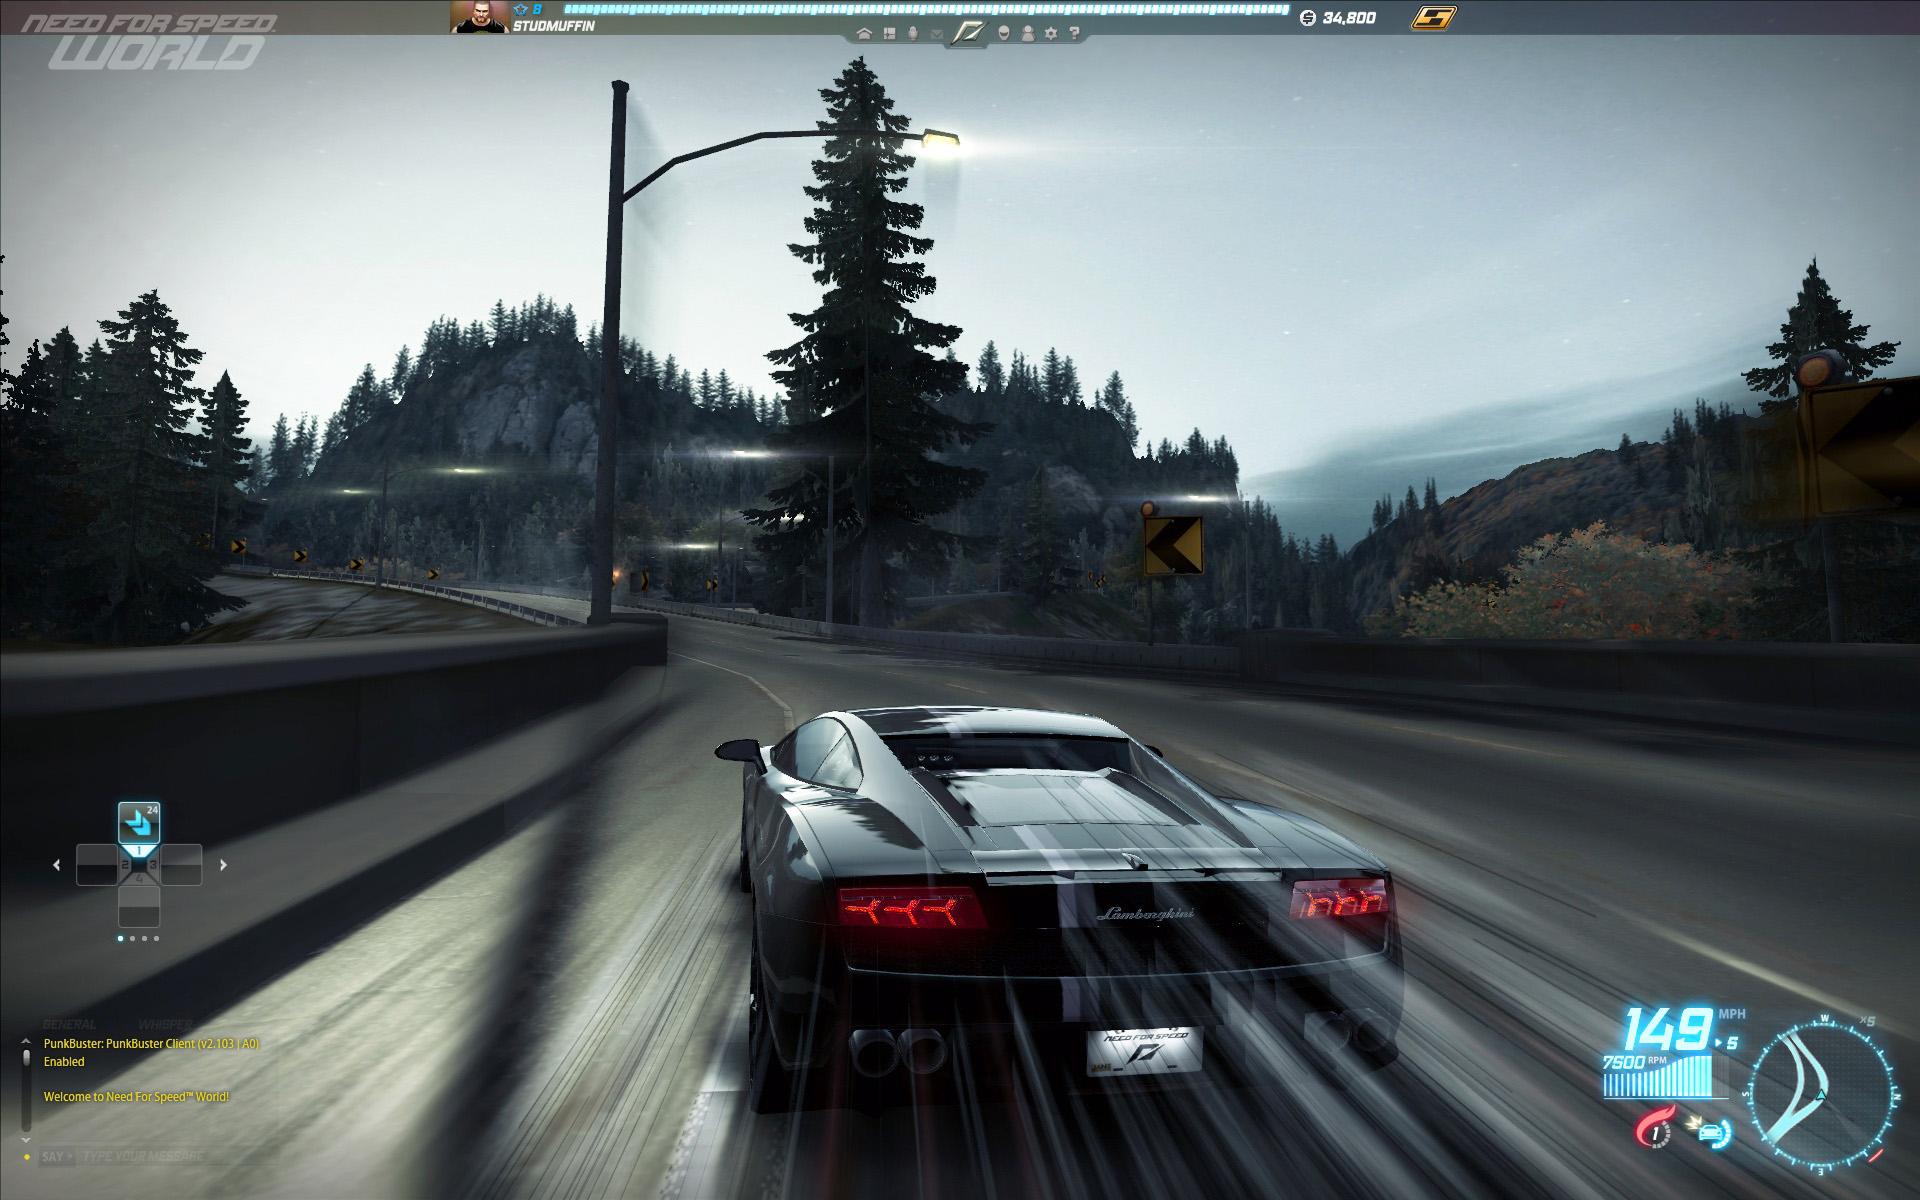 Space 3d Live Wallpaper Need For Speed In Hd Hd Desktop Wallpapers 4k Hd